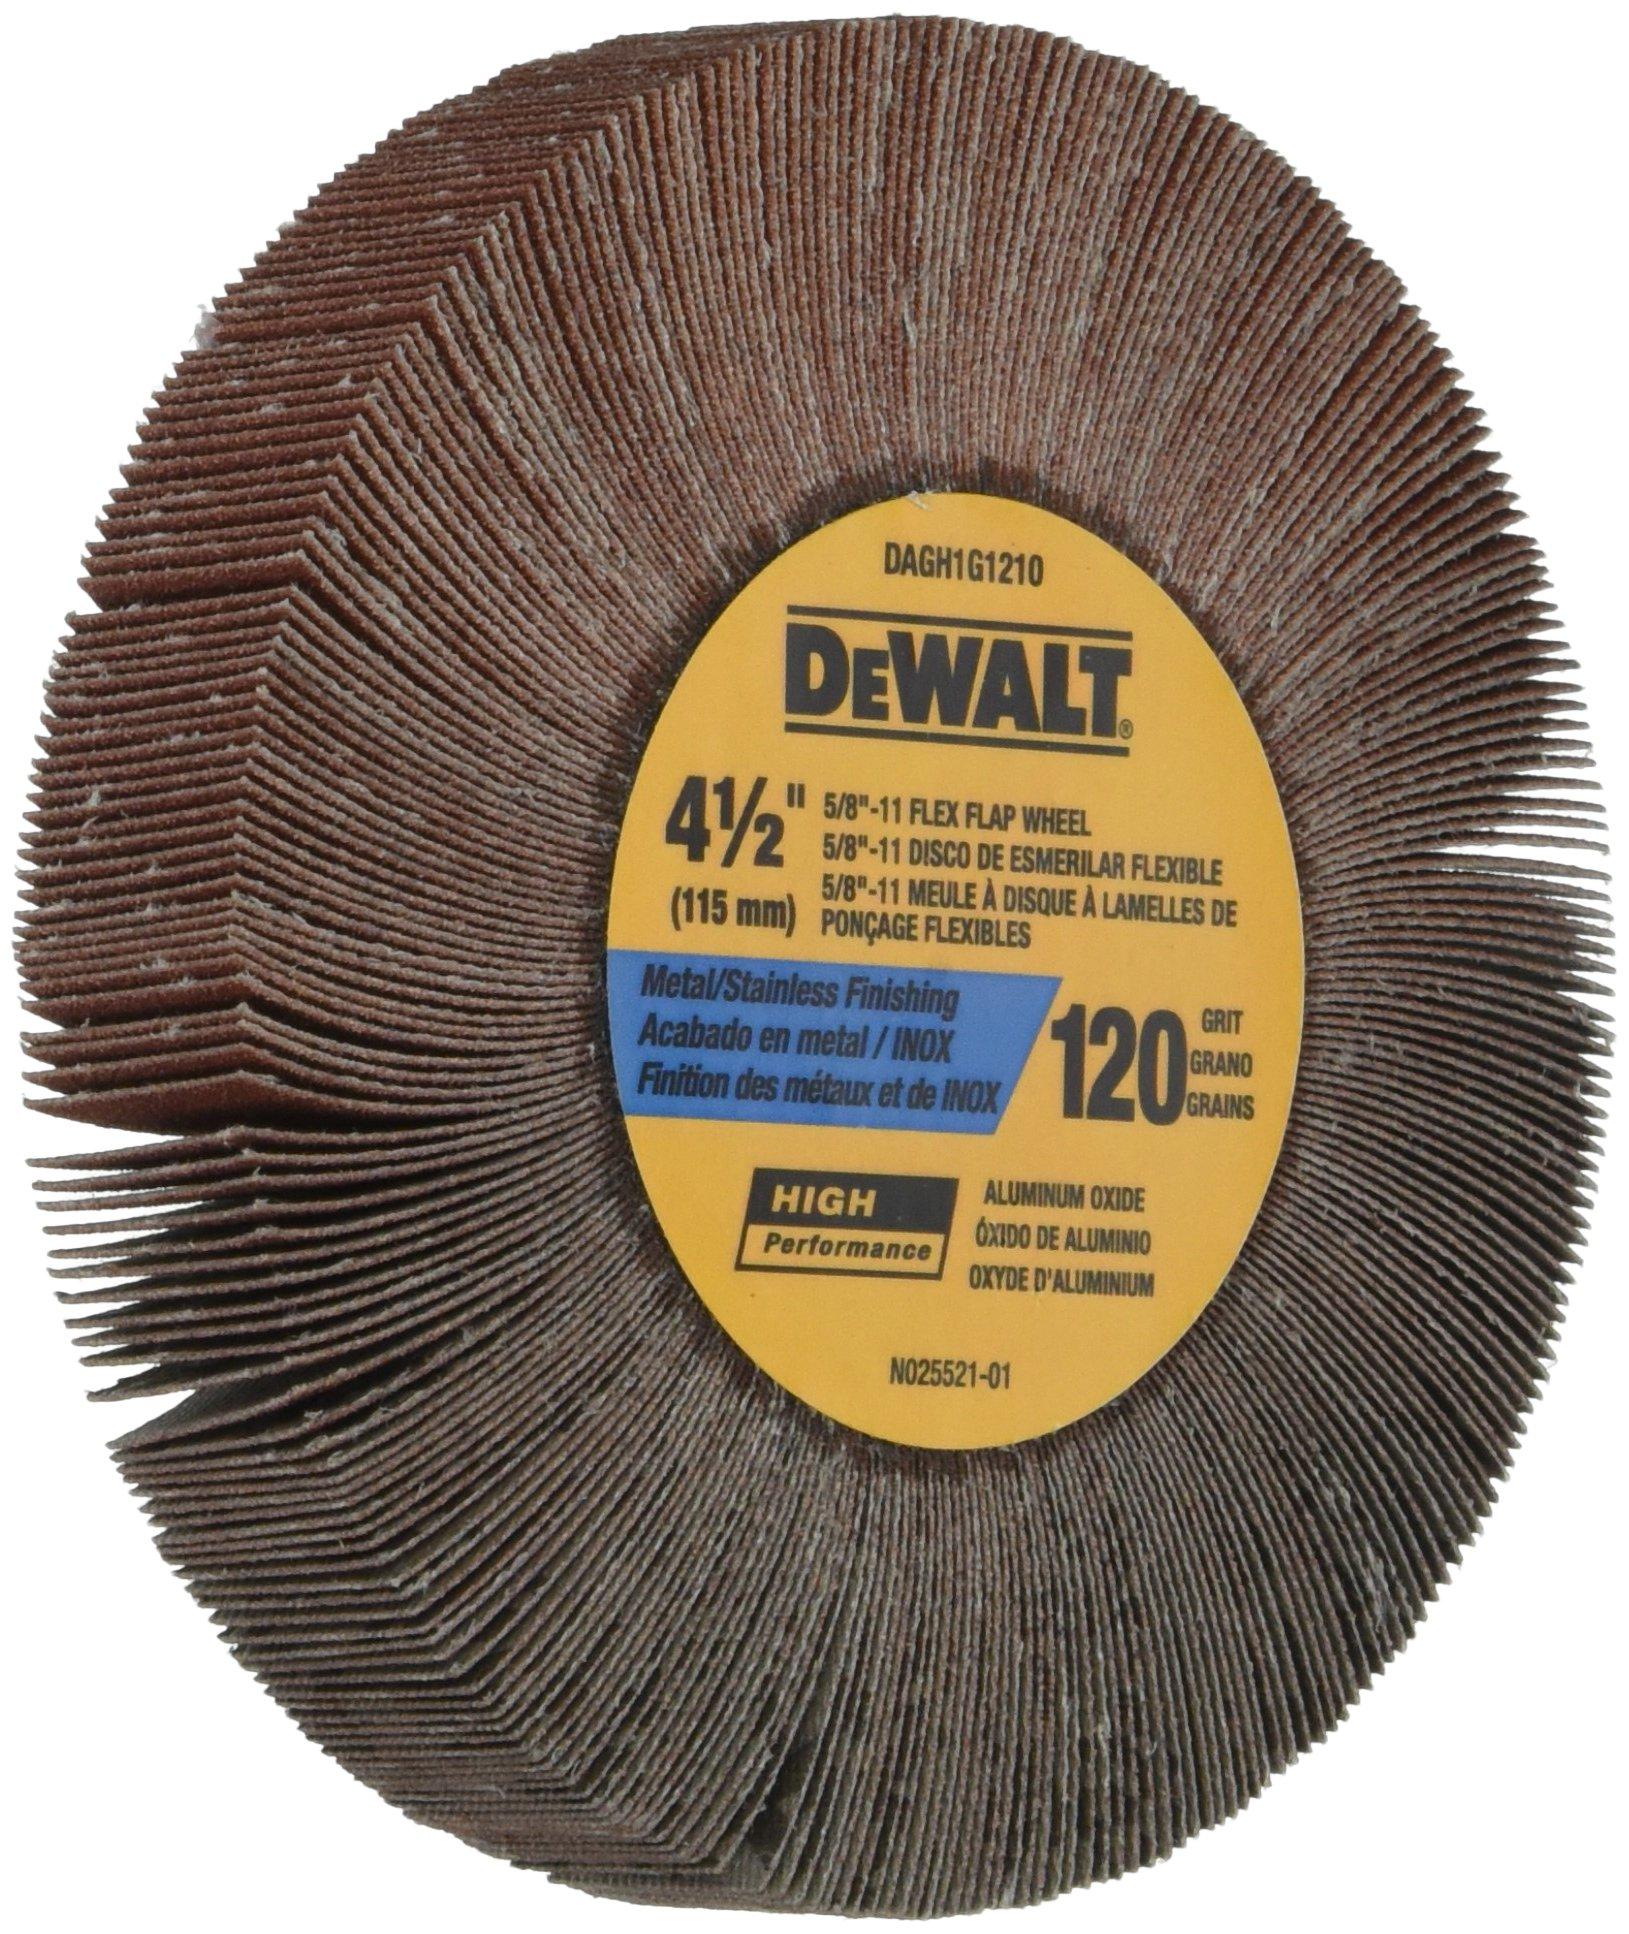 DEWALT DAGH1G1210 4-1/2 by 1-3/26 by 5/8-11 120g Flap Wheel